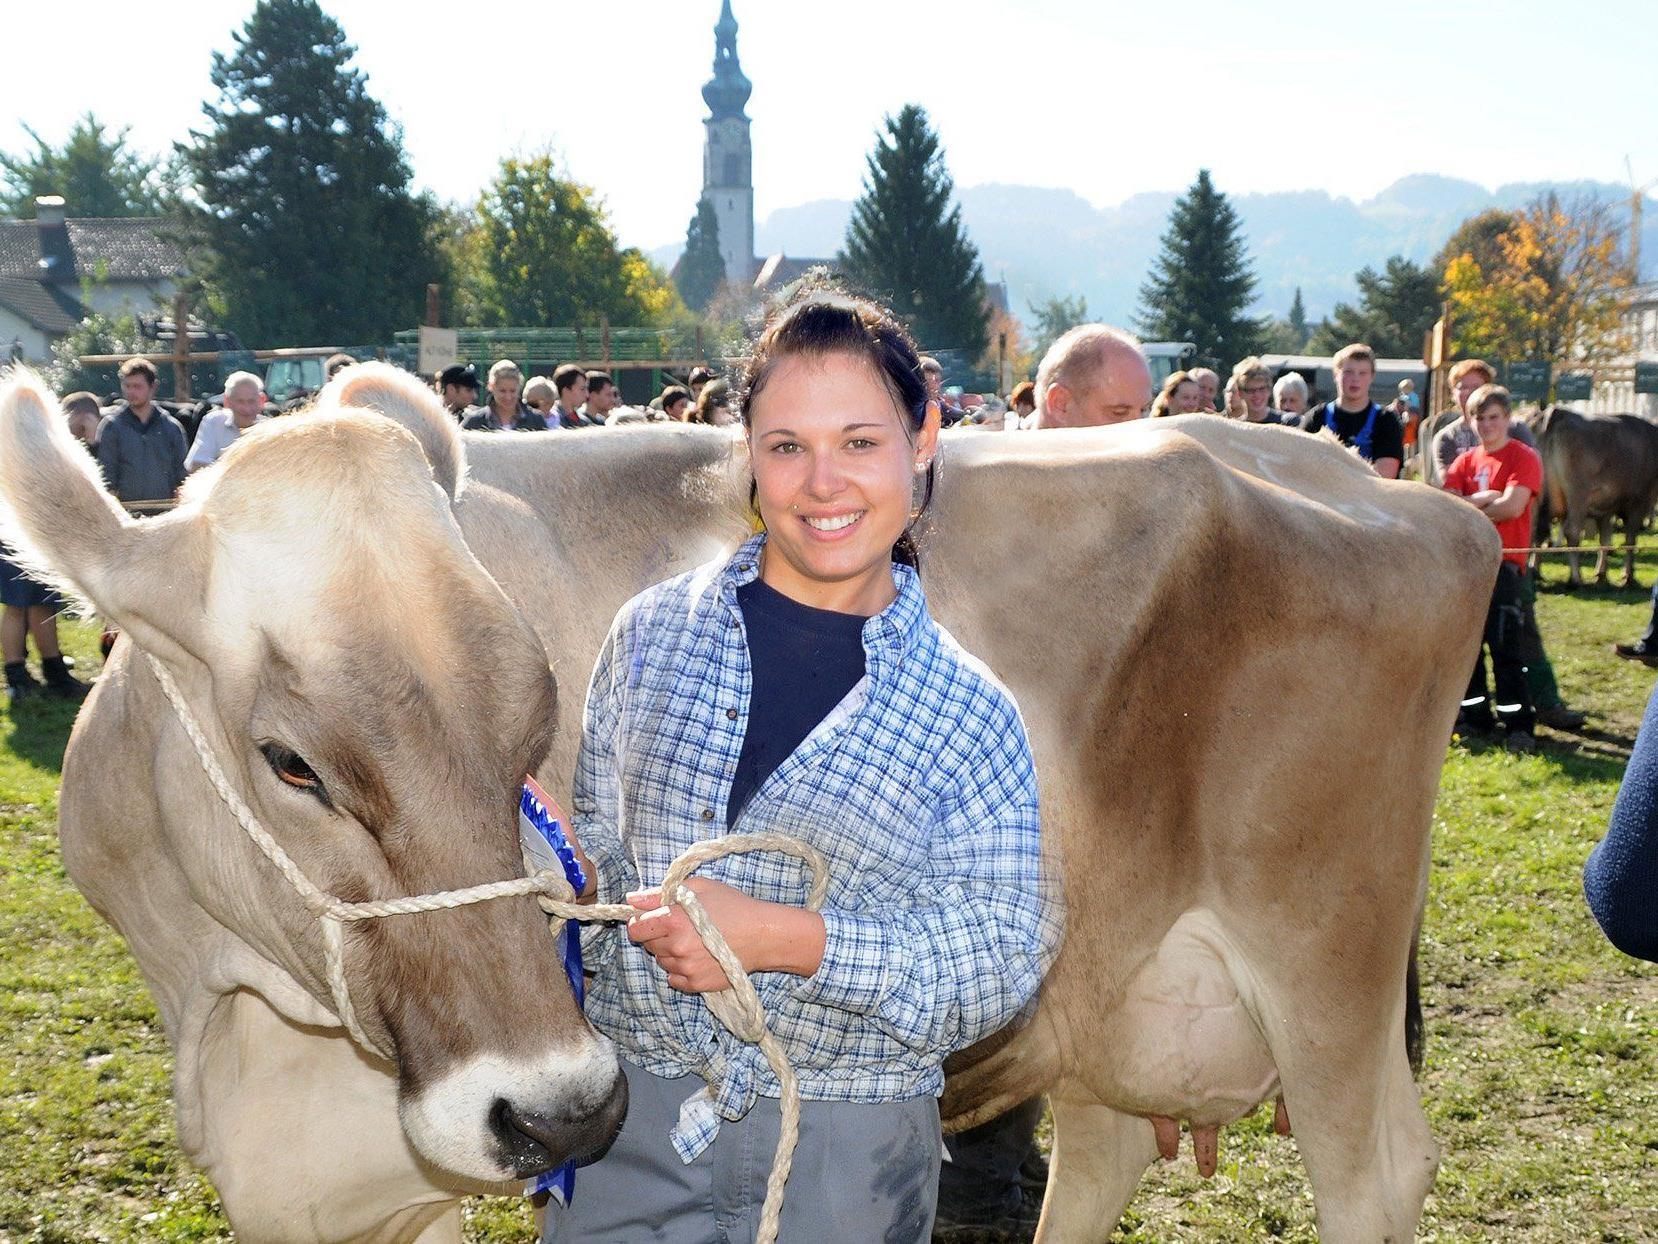 Viehausstellung in Höchst mit 100-Jahr-Jubiläum des Viehzuchtvereins am 18. Oktober